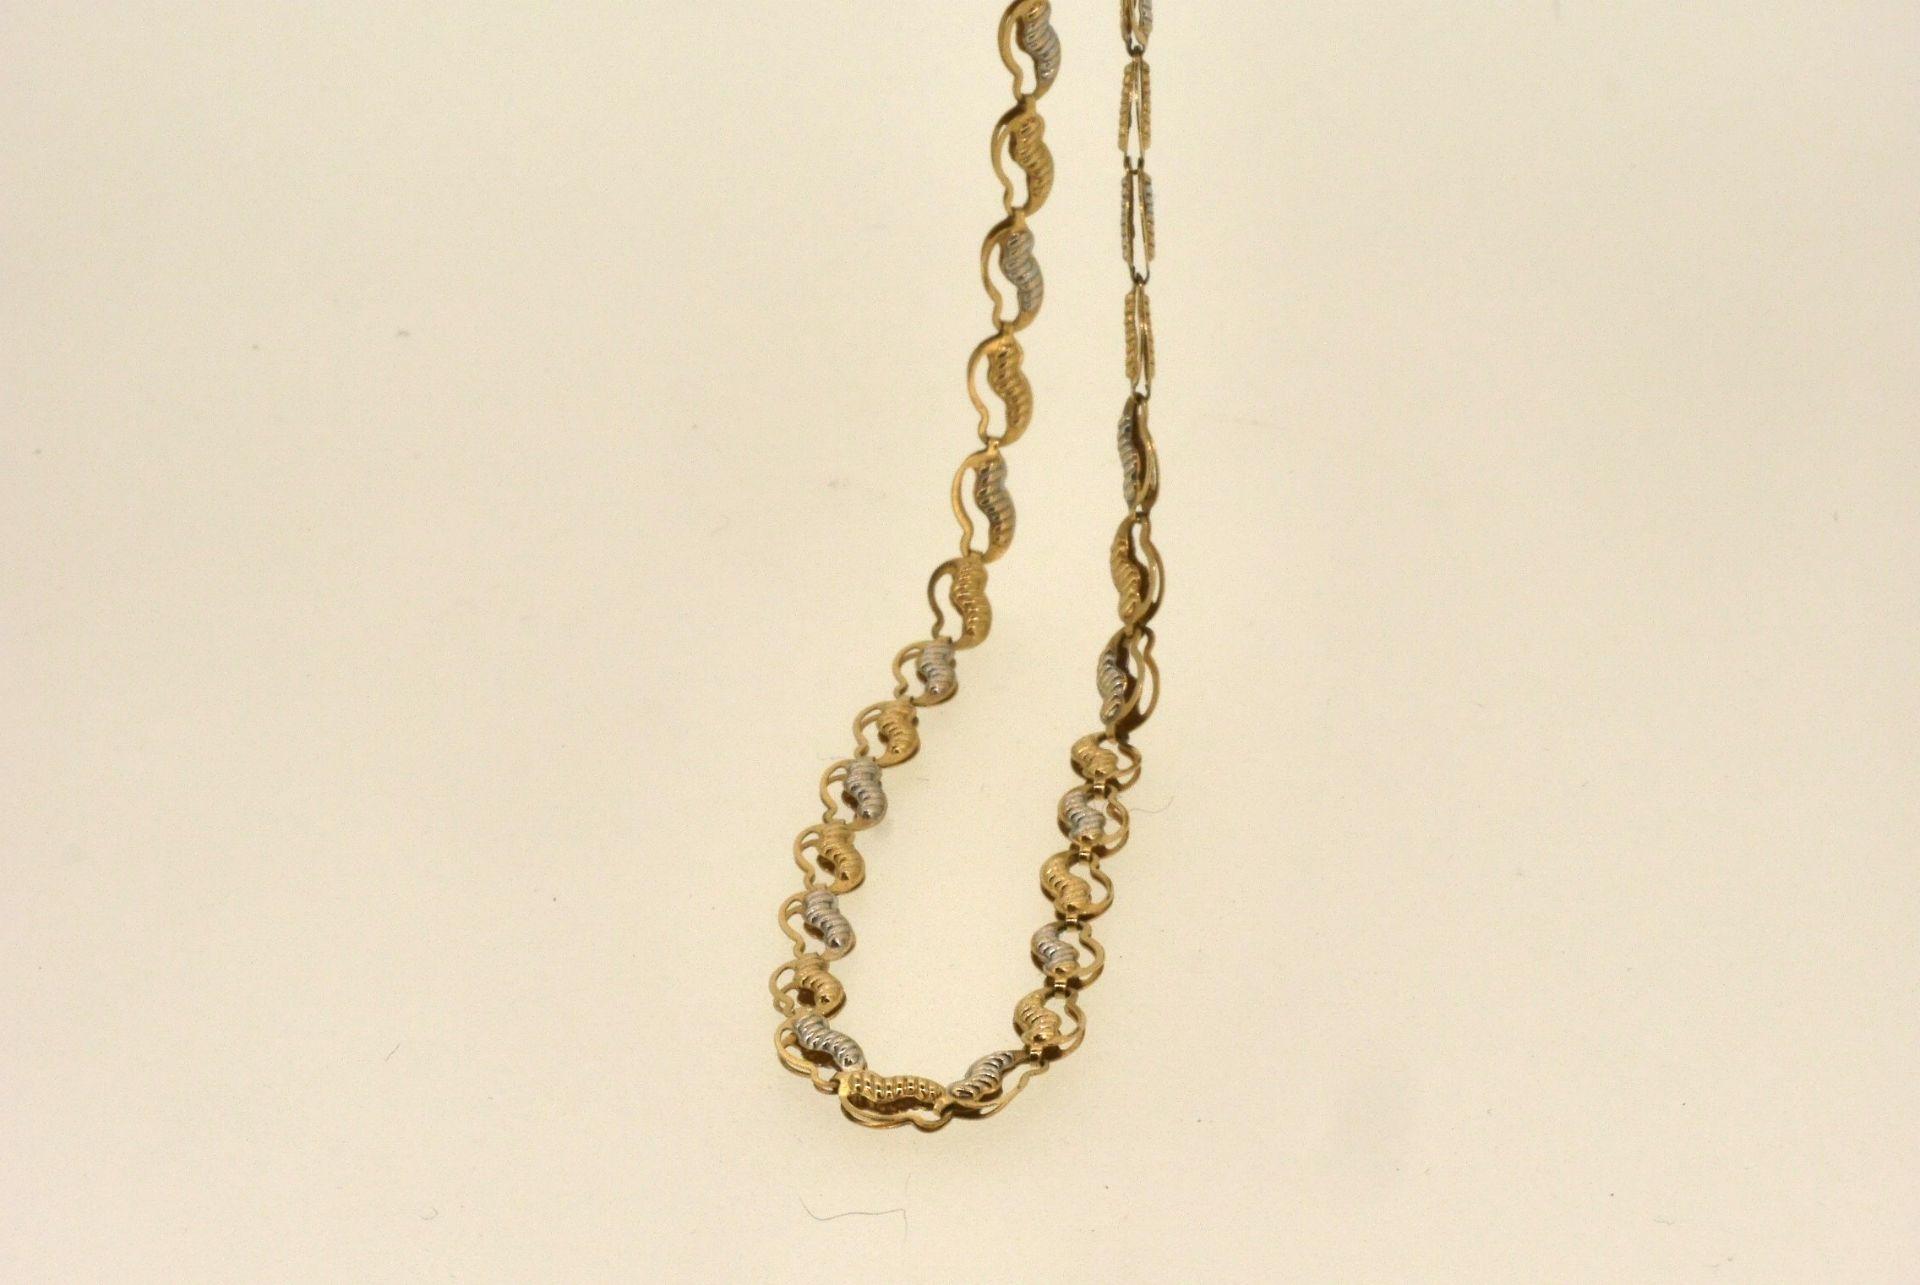 Halskette WG/GG 585, 50 cm, 5,10 Gramm